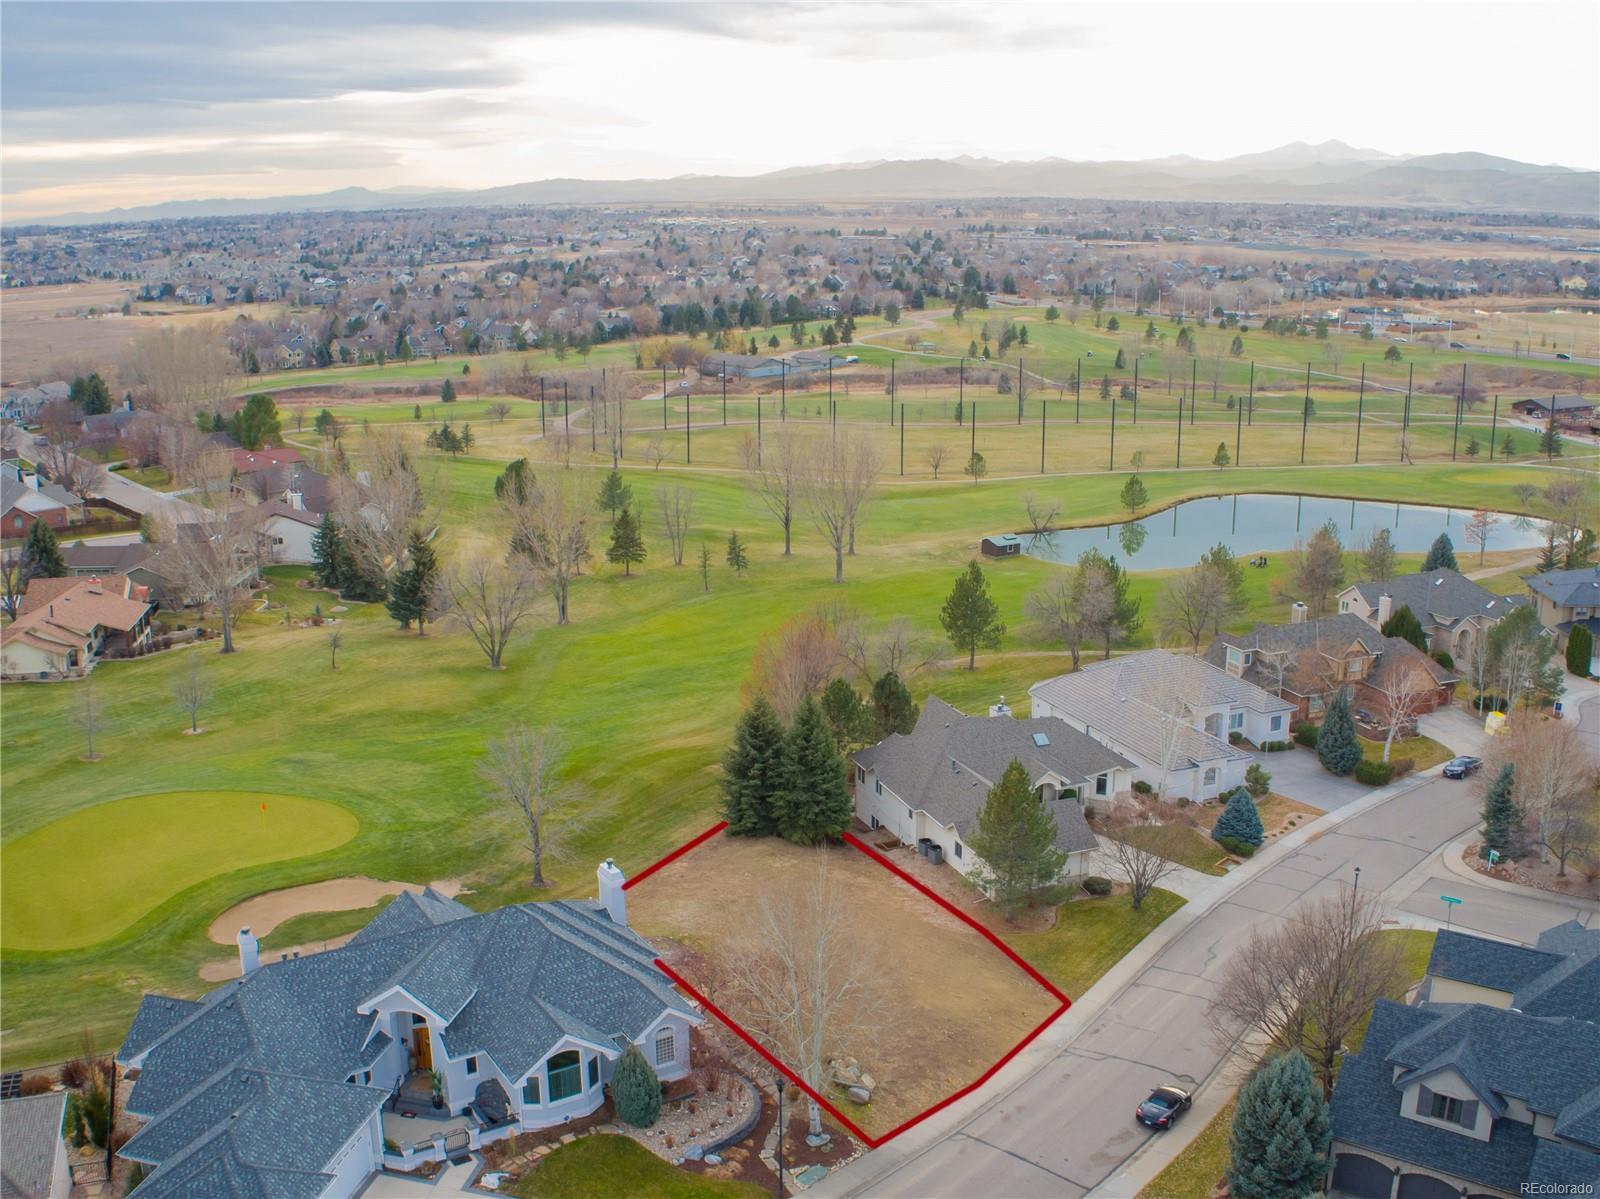 1433 Glen Eagle Court, Fort Collins, CO 80525 - Fort Collins, CO real estate listing